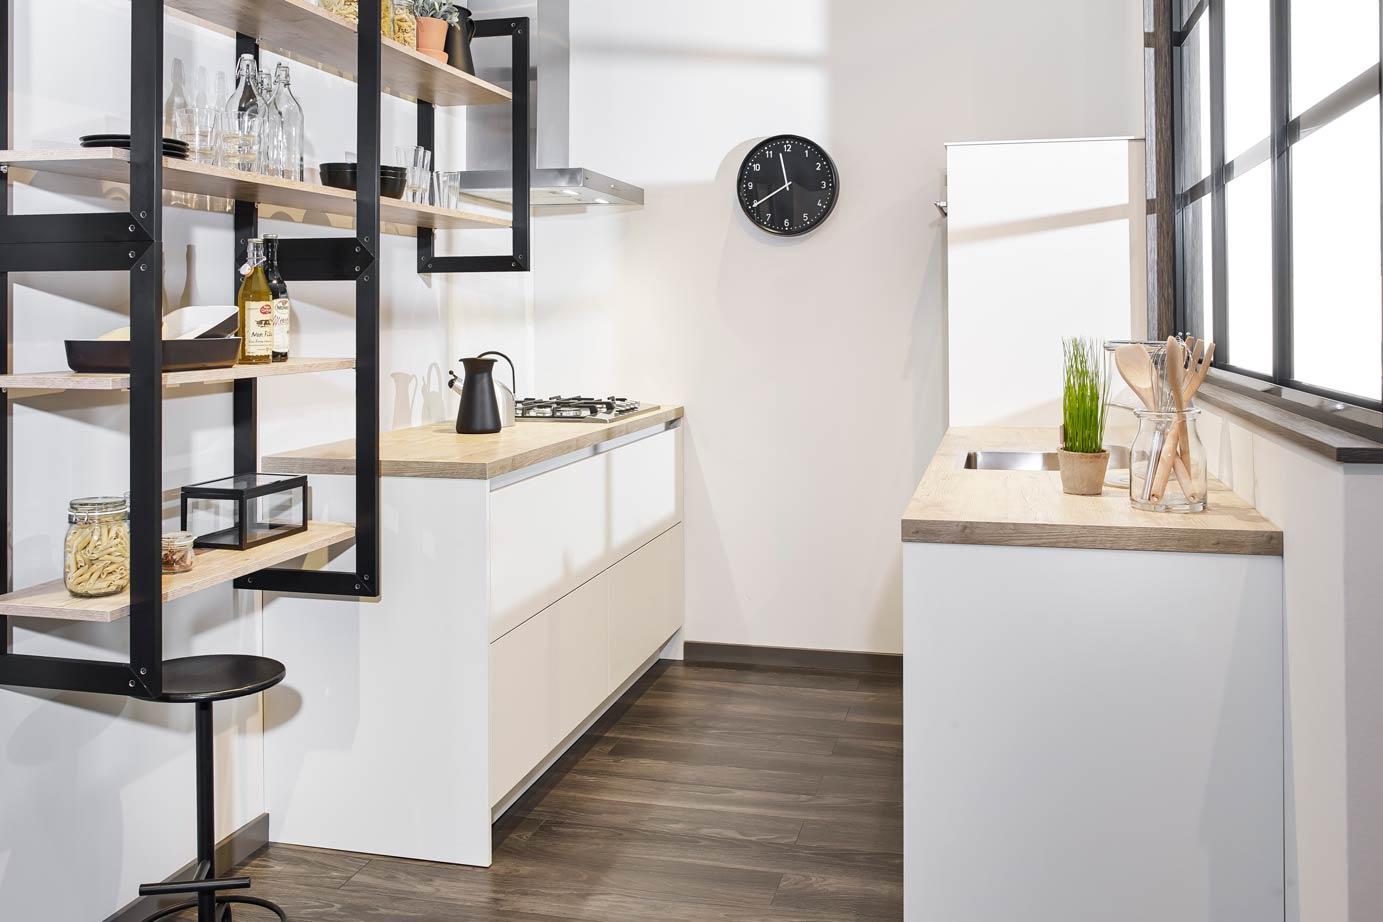 Keukenkast Zonder Greep : Greeploze keuken alle info voor en nadelen prijzen db keukens